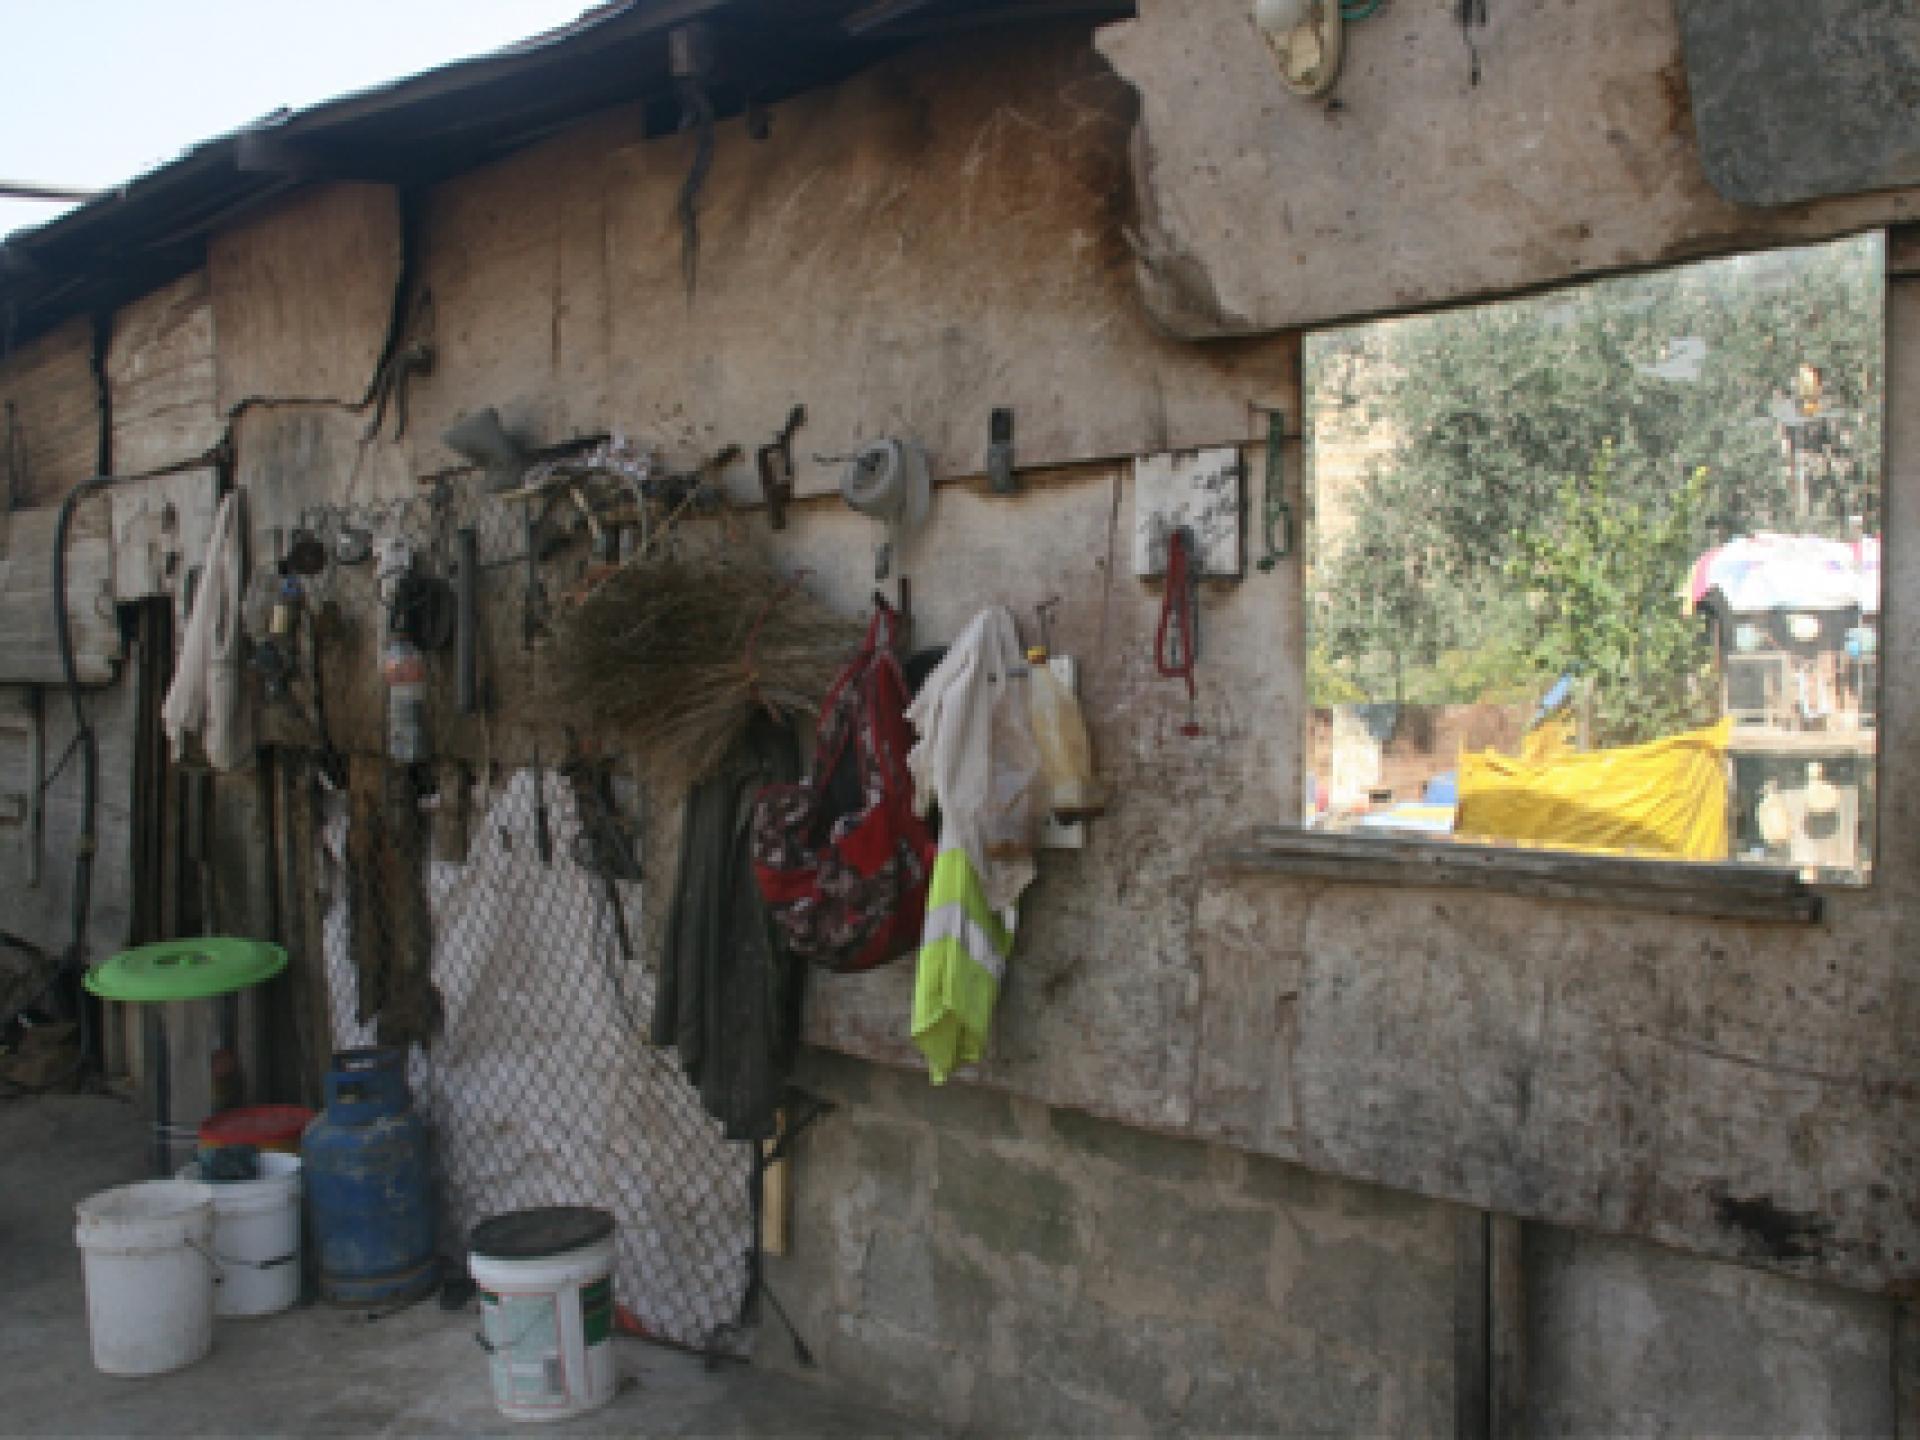 הקיר החיצוני של ביתו של אבו סאפי